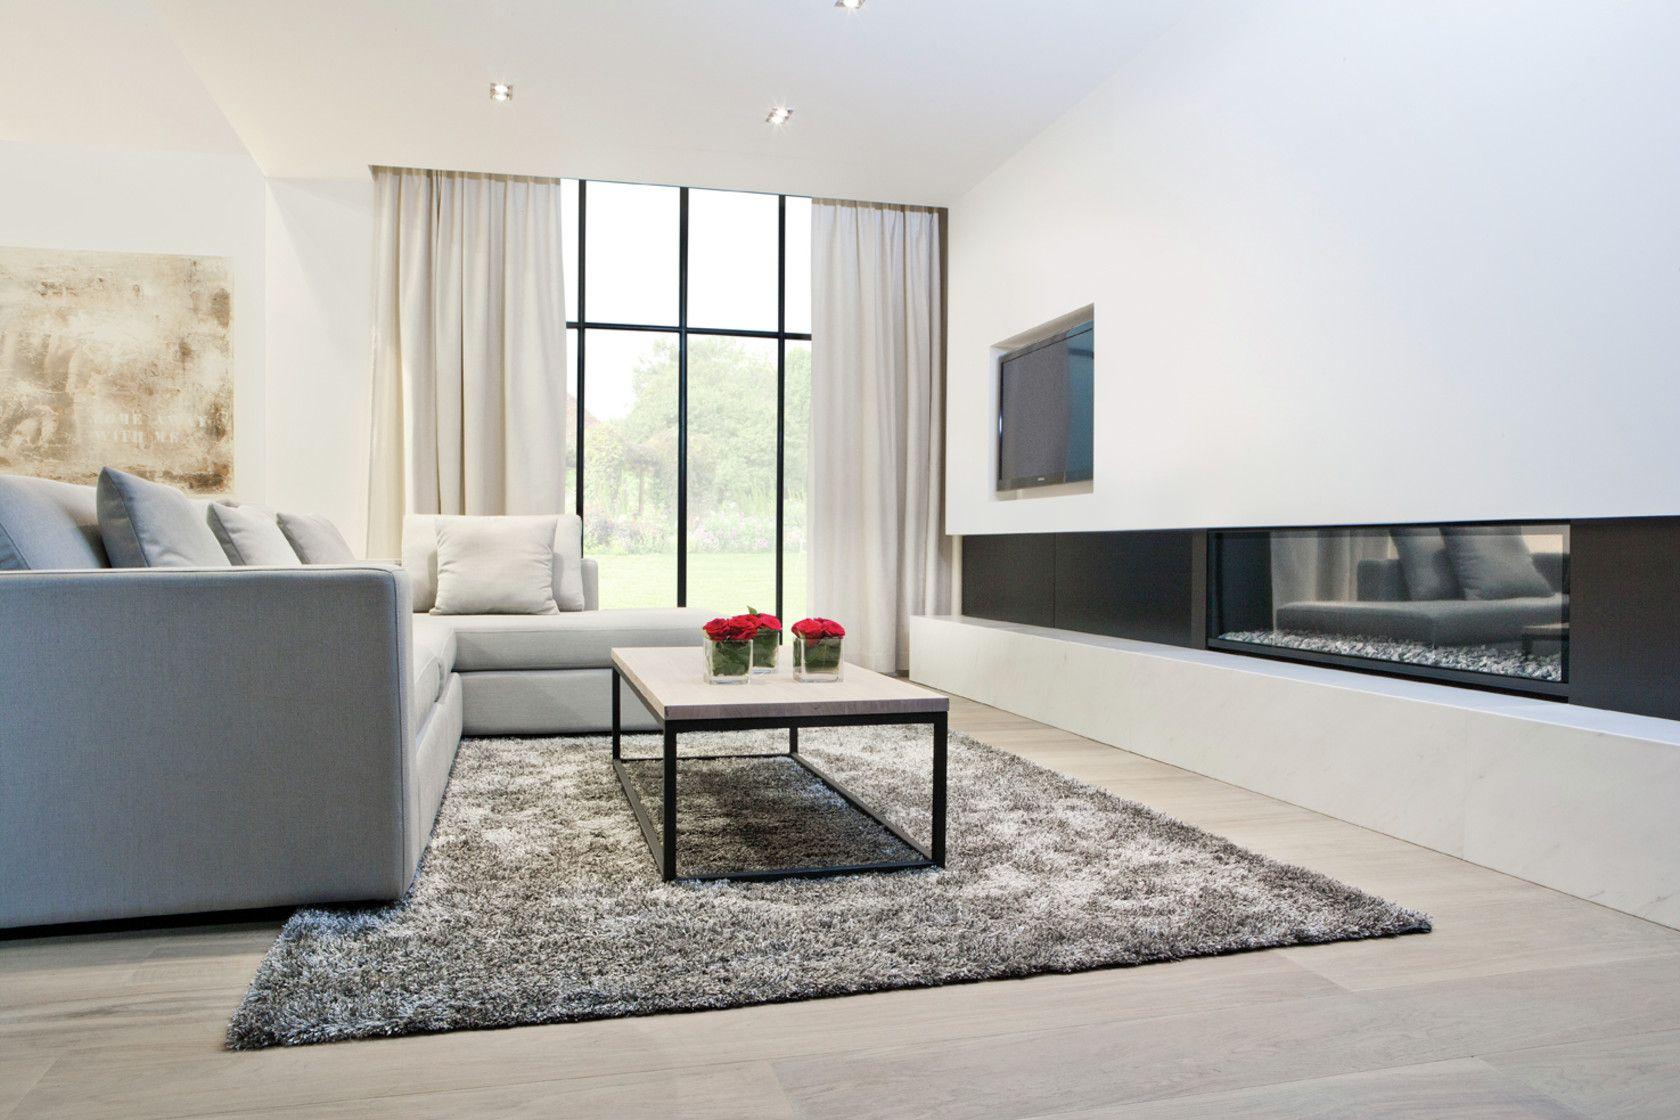 Interieur badkamer haardwand dressing slaapkamer for Interieur badkamer